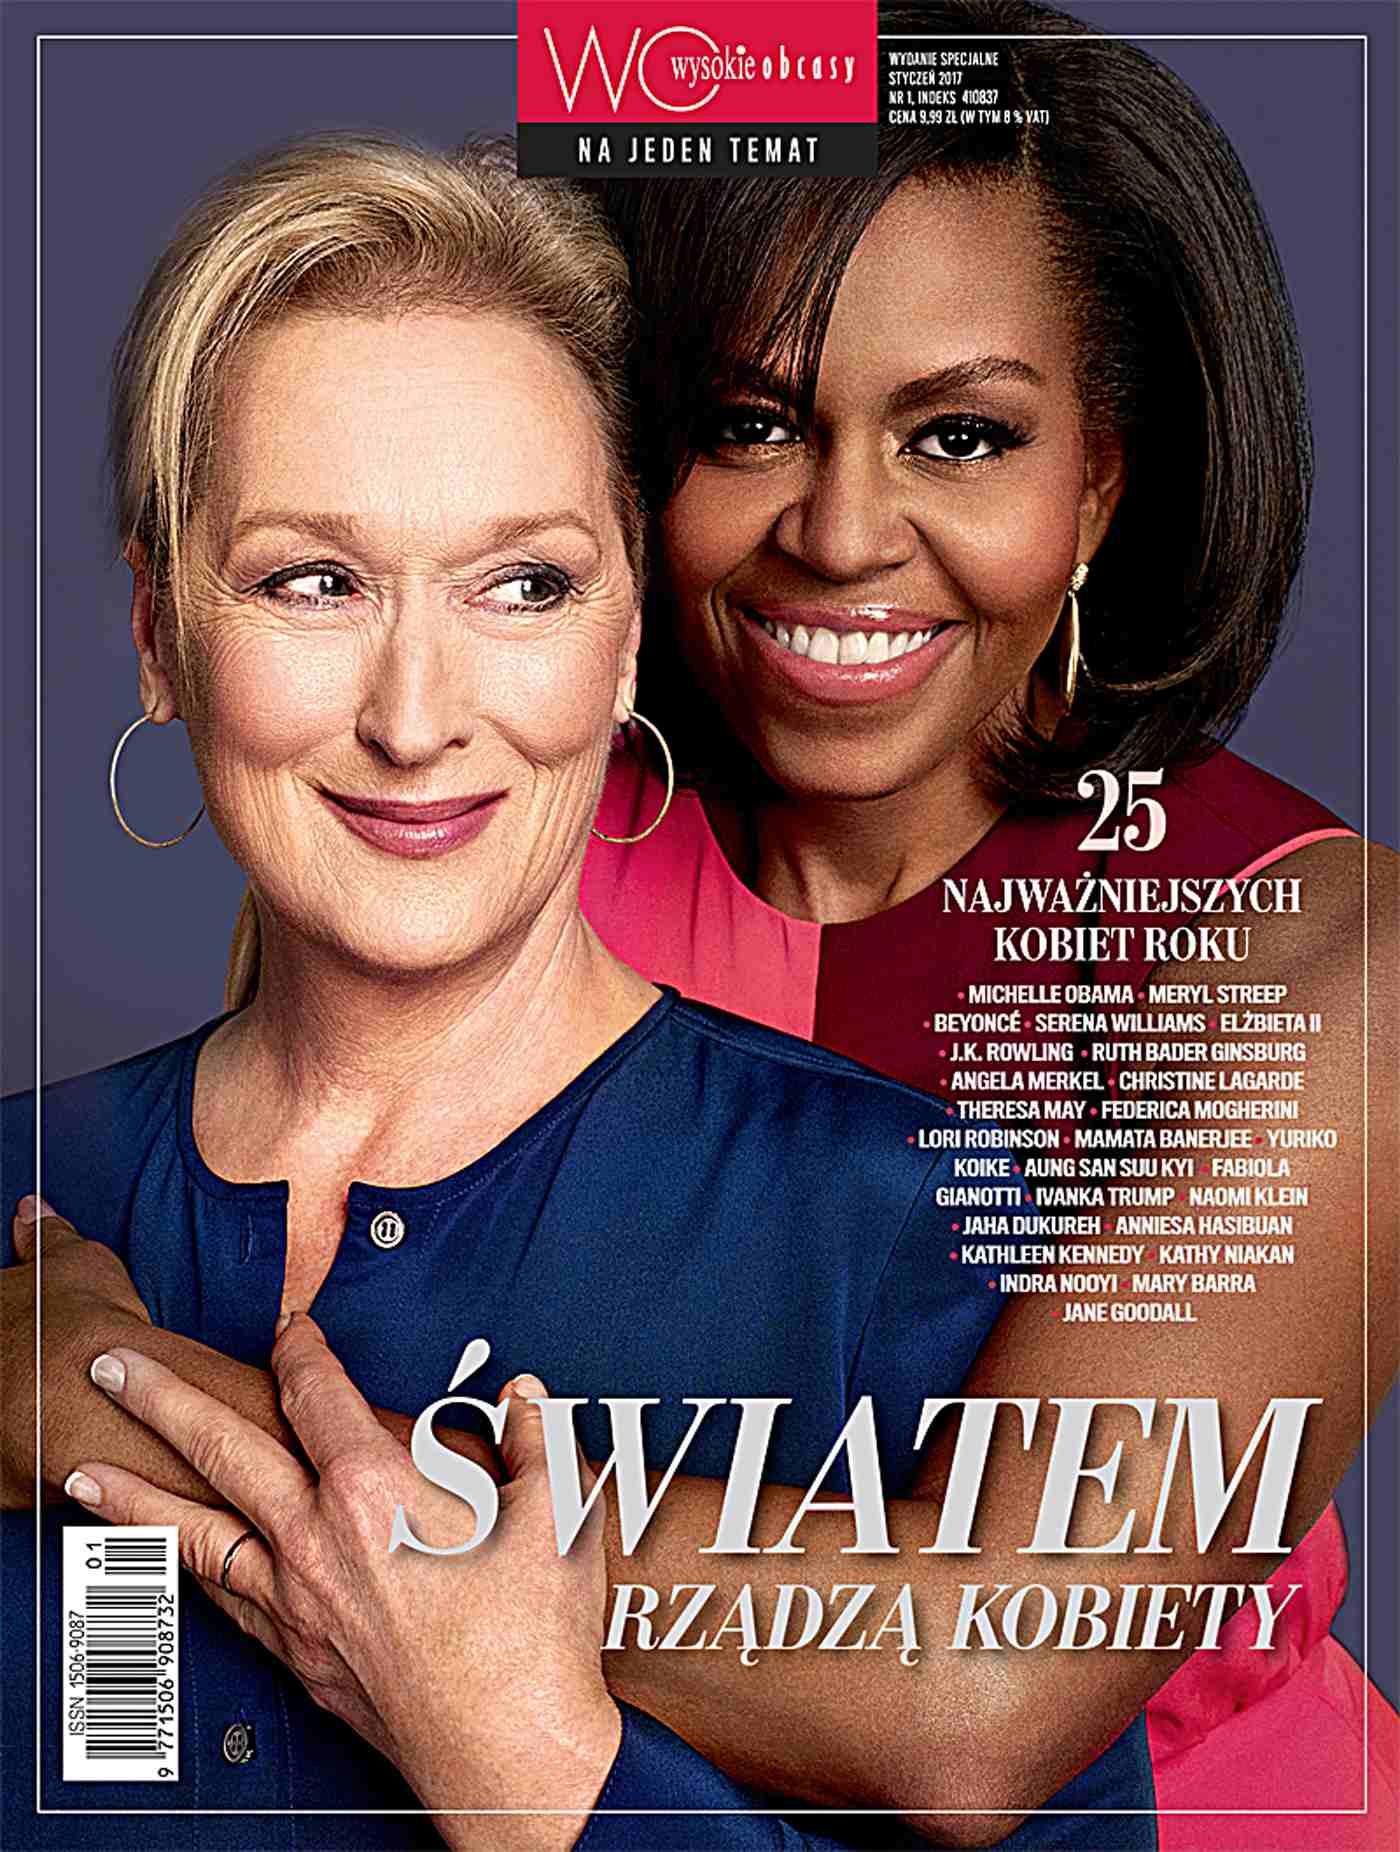 Na jeden temat. Światem rządzą kobiety Wysokie Obcasy. Wydanie Specjalne - Ebook (Książka EPUB) do pobrania w formacie EPUB